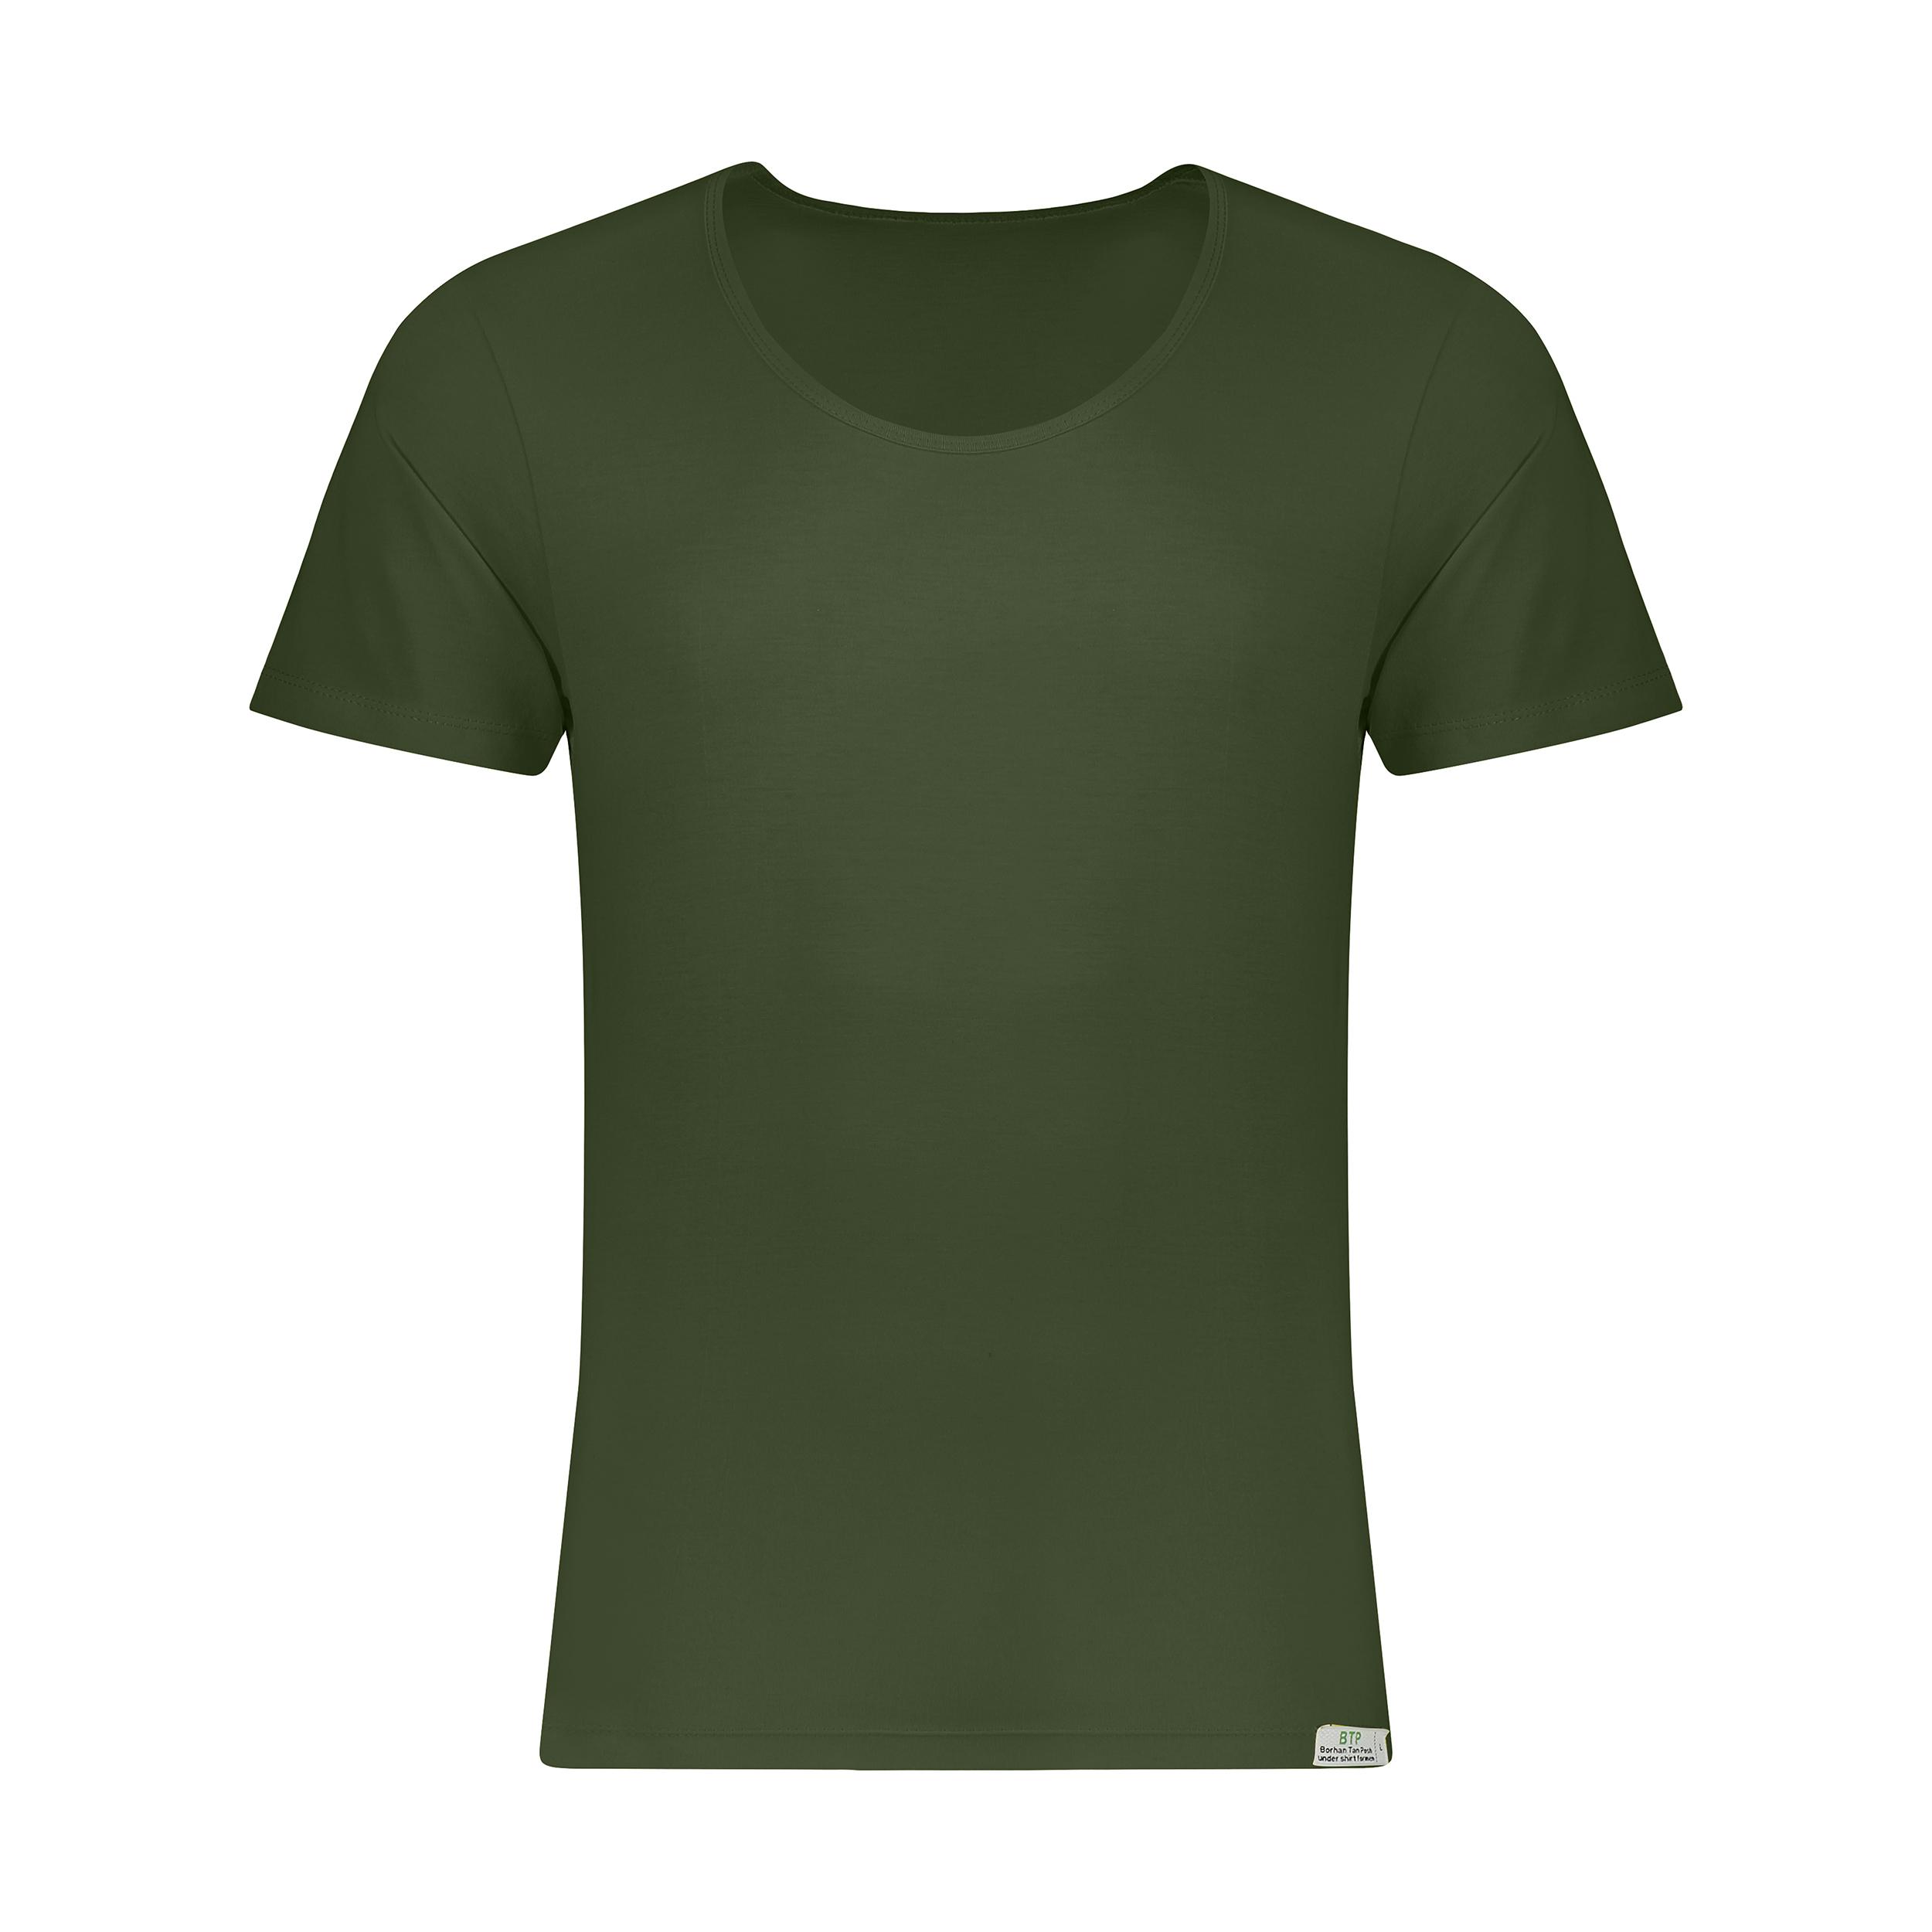 زیرپوش آستین دار مردانه برهان تن پوش مدل 6-02